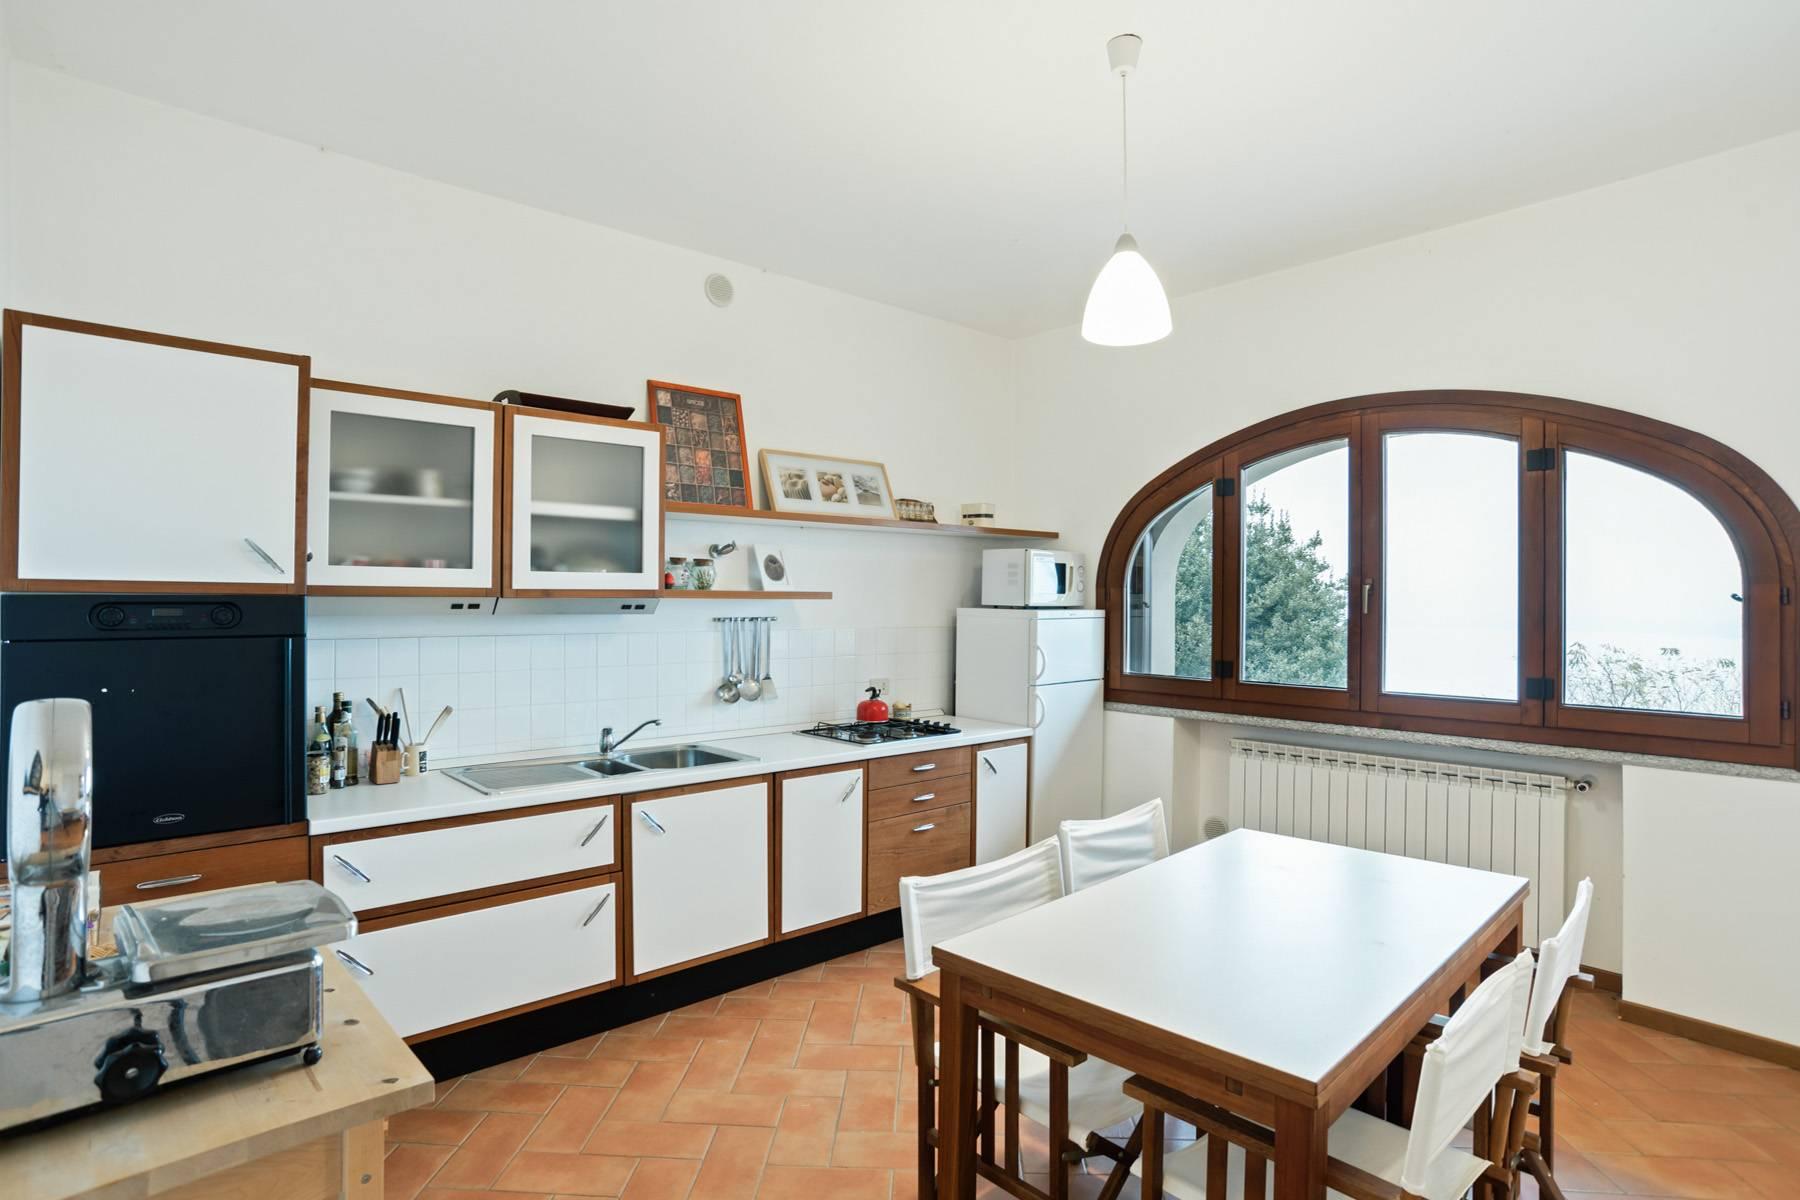 Villa in Vendita a Massino Visconti: 5 locali, 200 mq - Foto 10